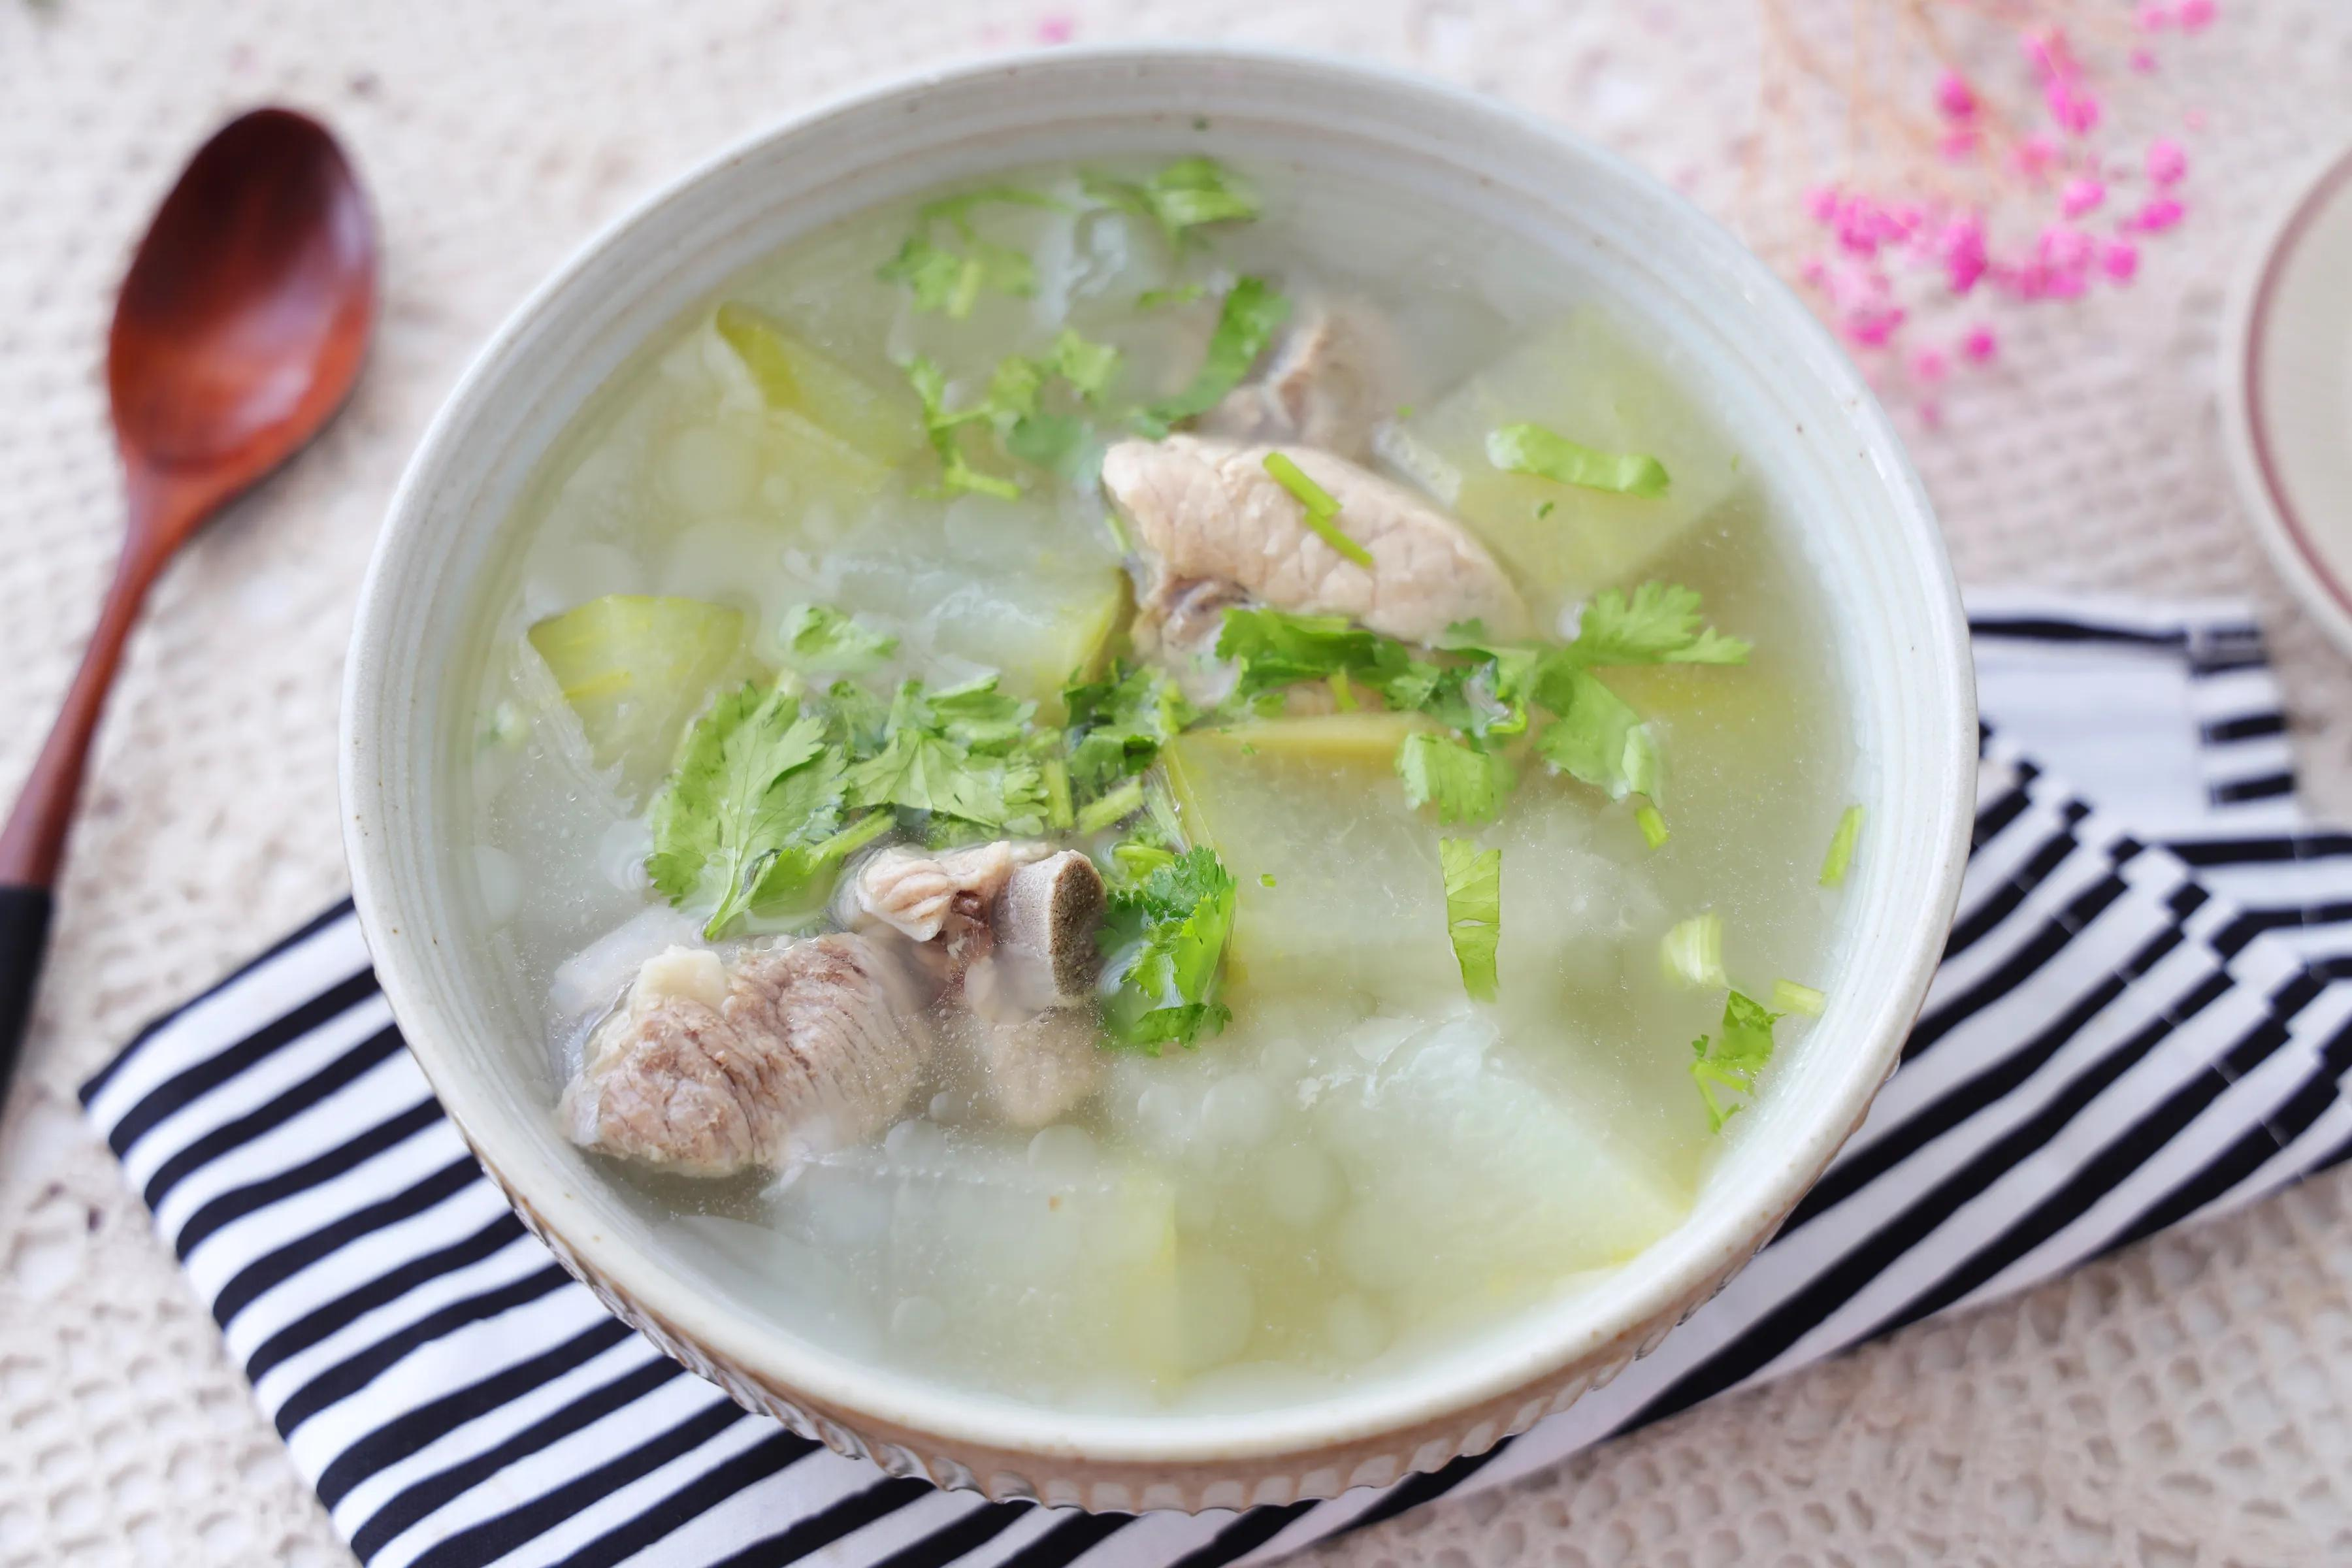 夏天太爱喝这碗汤了,清淡爽口不油腻,还能清热下火,一定要多喝 美食做法 第1张